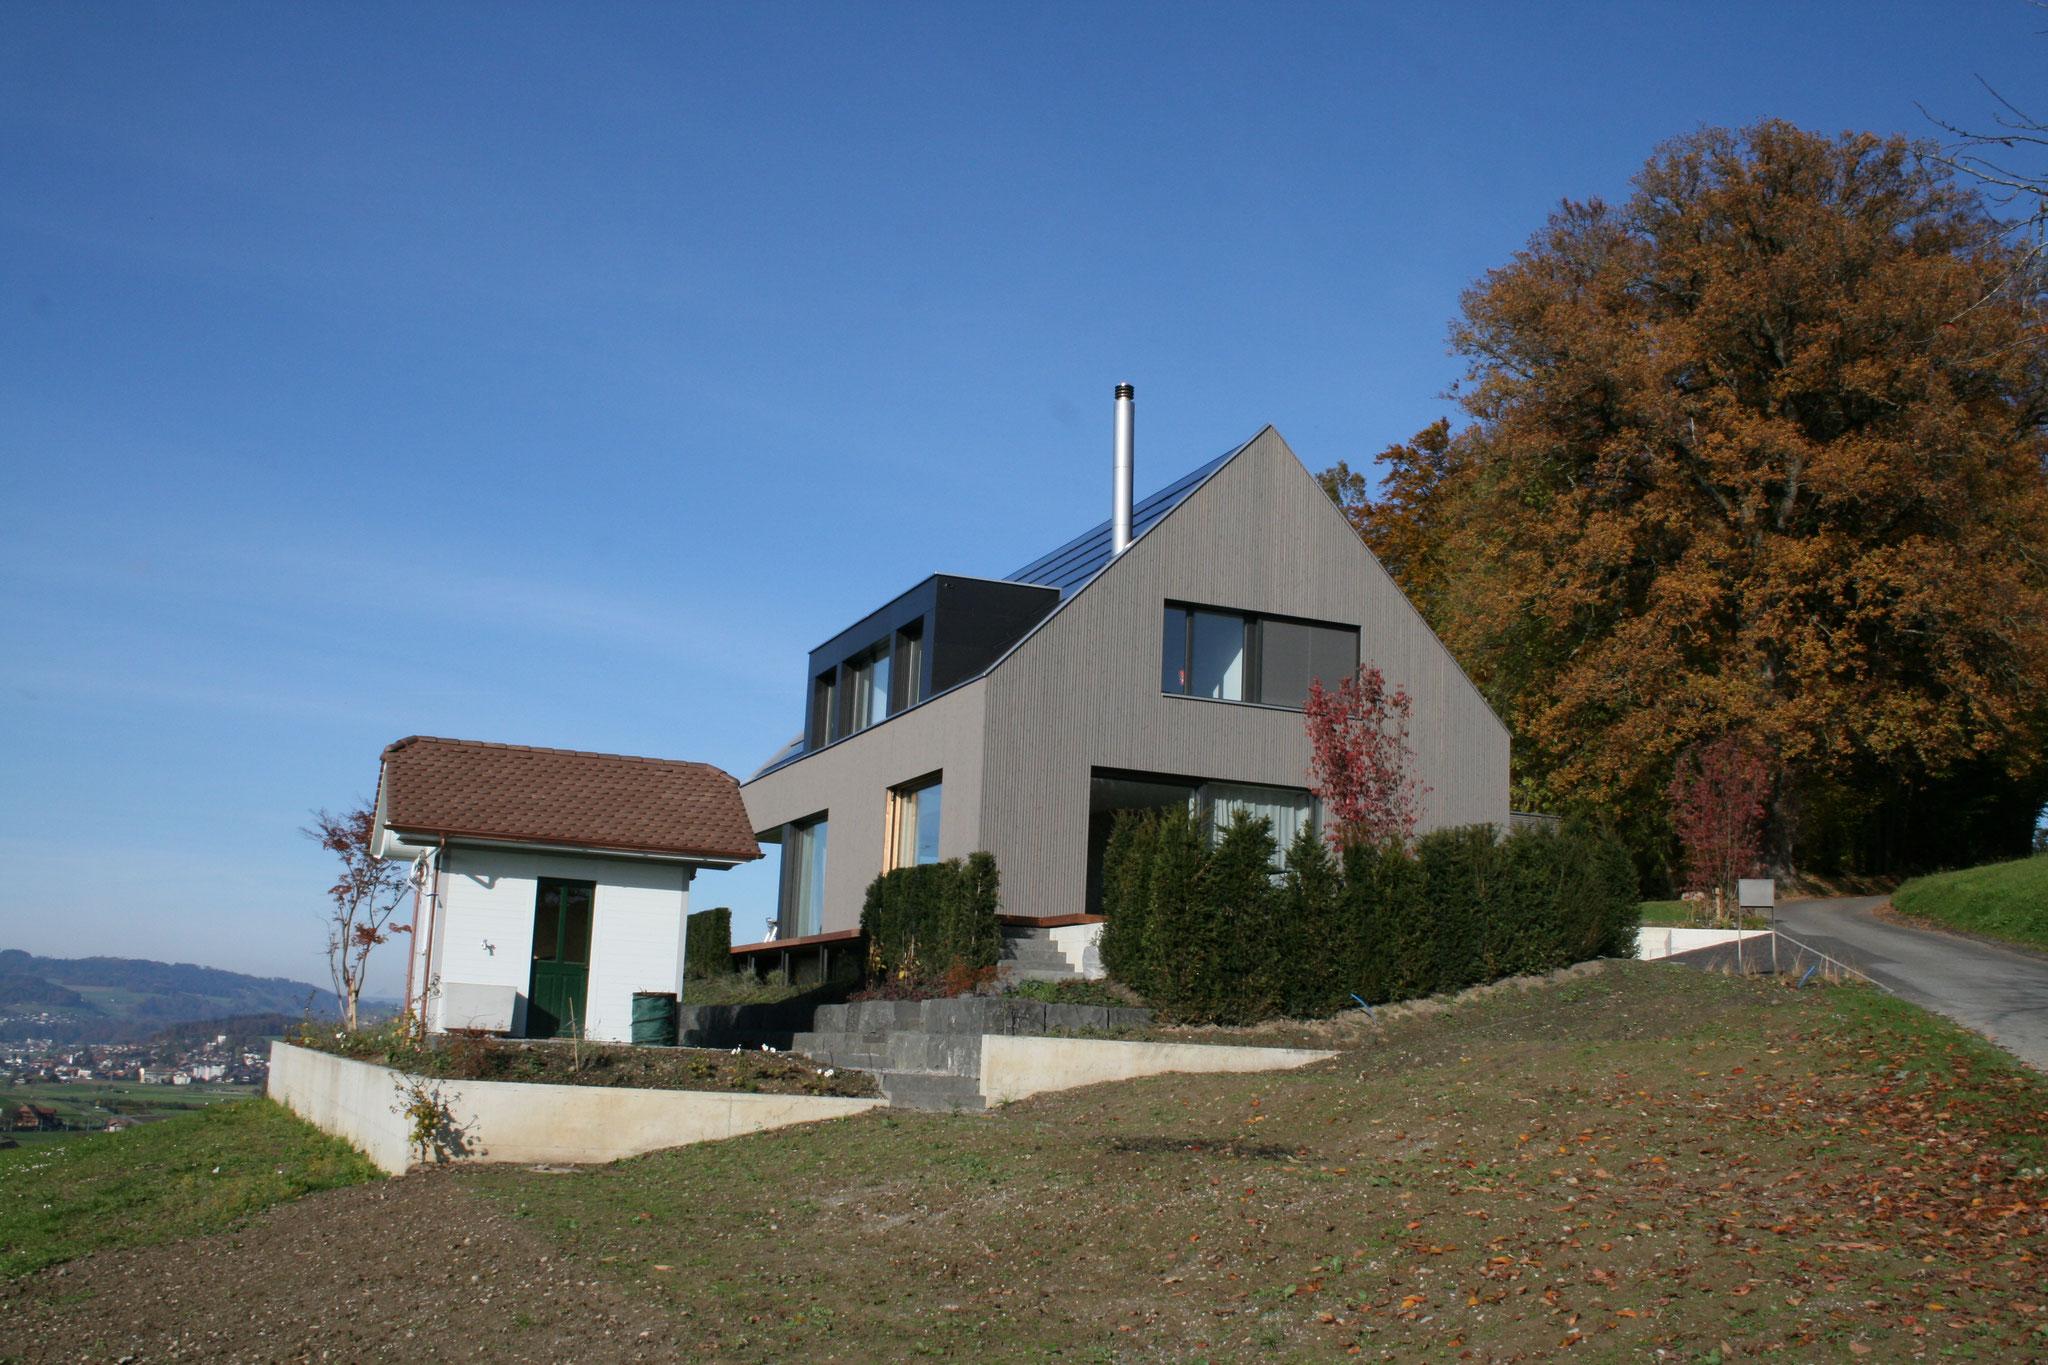 Buchli, Gysenstein